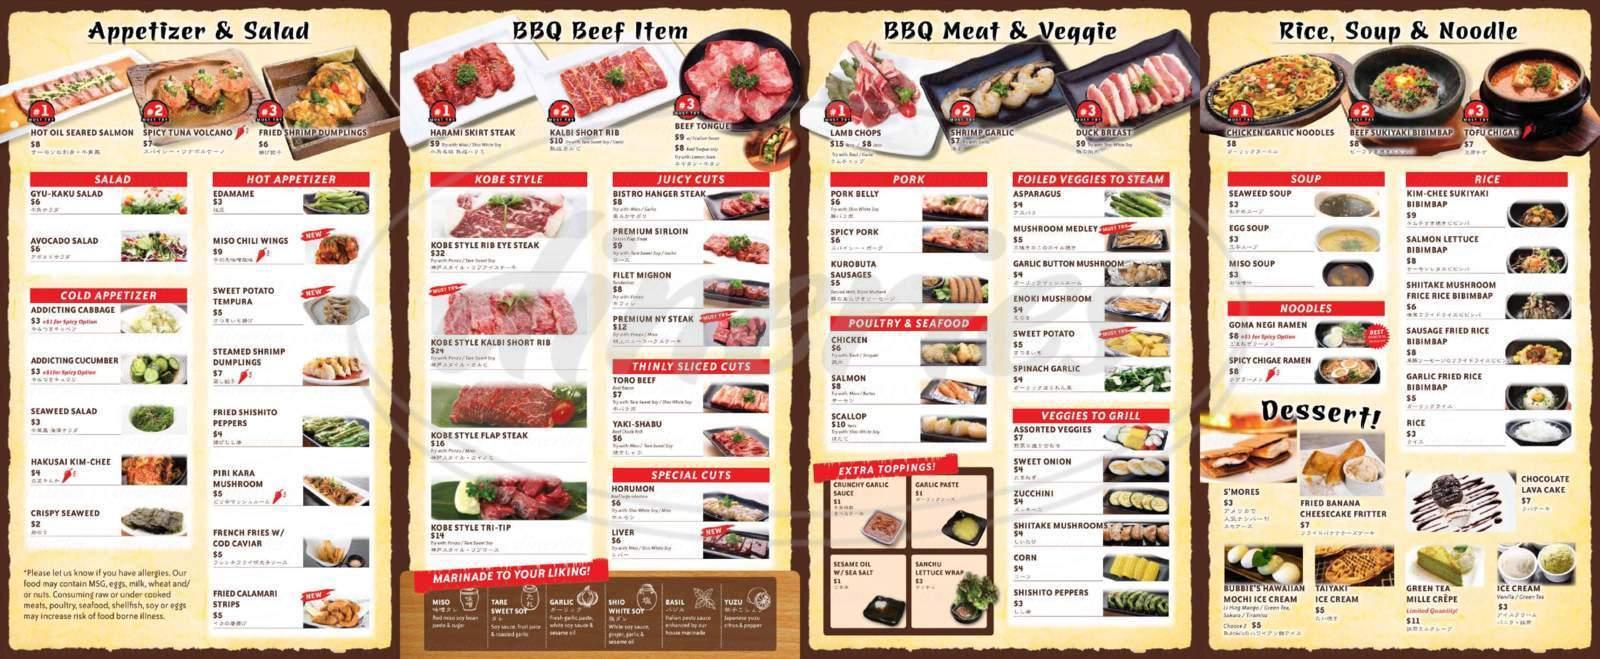 menu for Gyu-Kaku 牛角